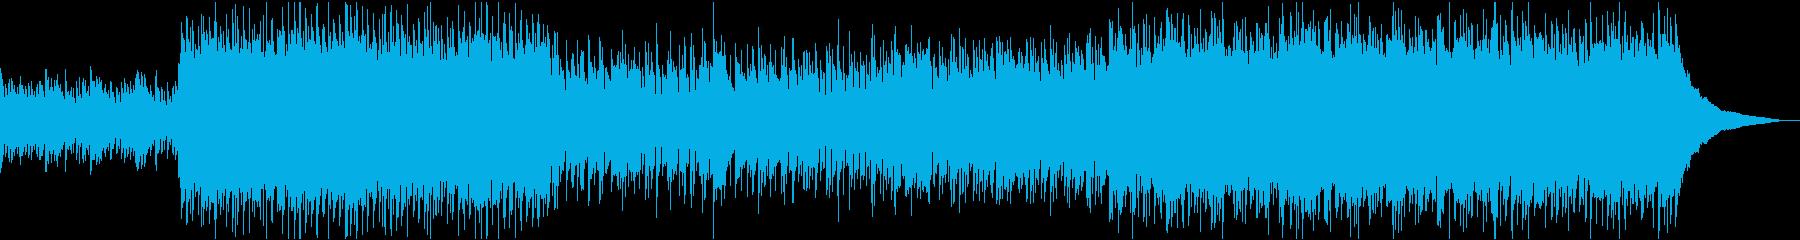 爽やかな映像用のポップソング風BGMの再生済みの波形